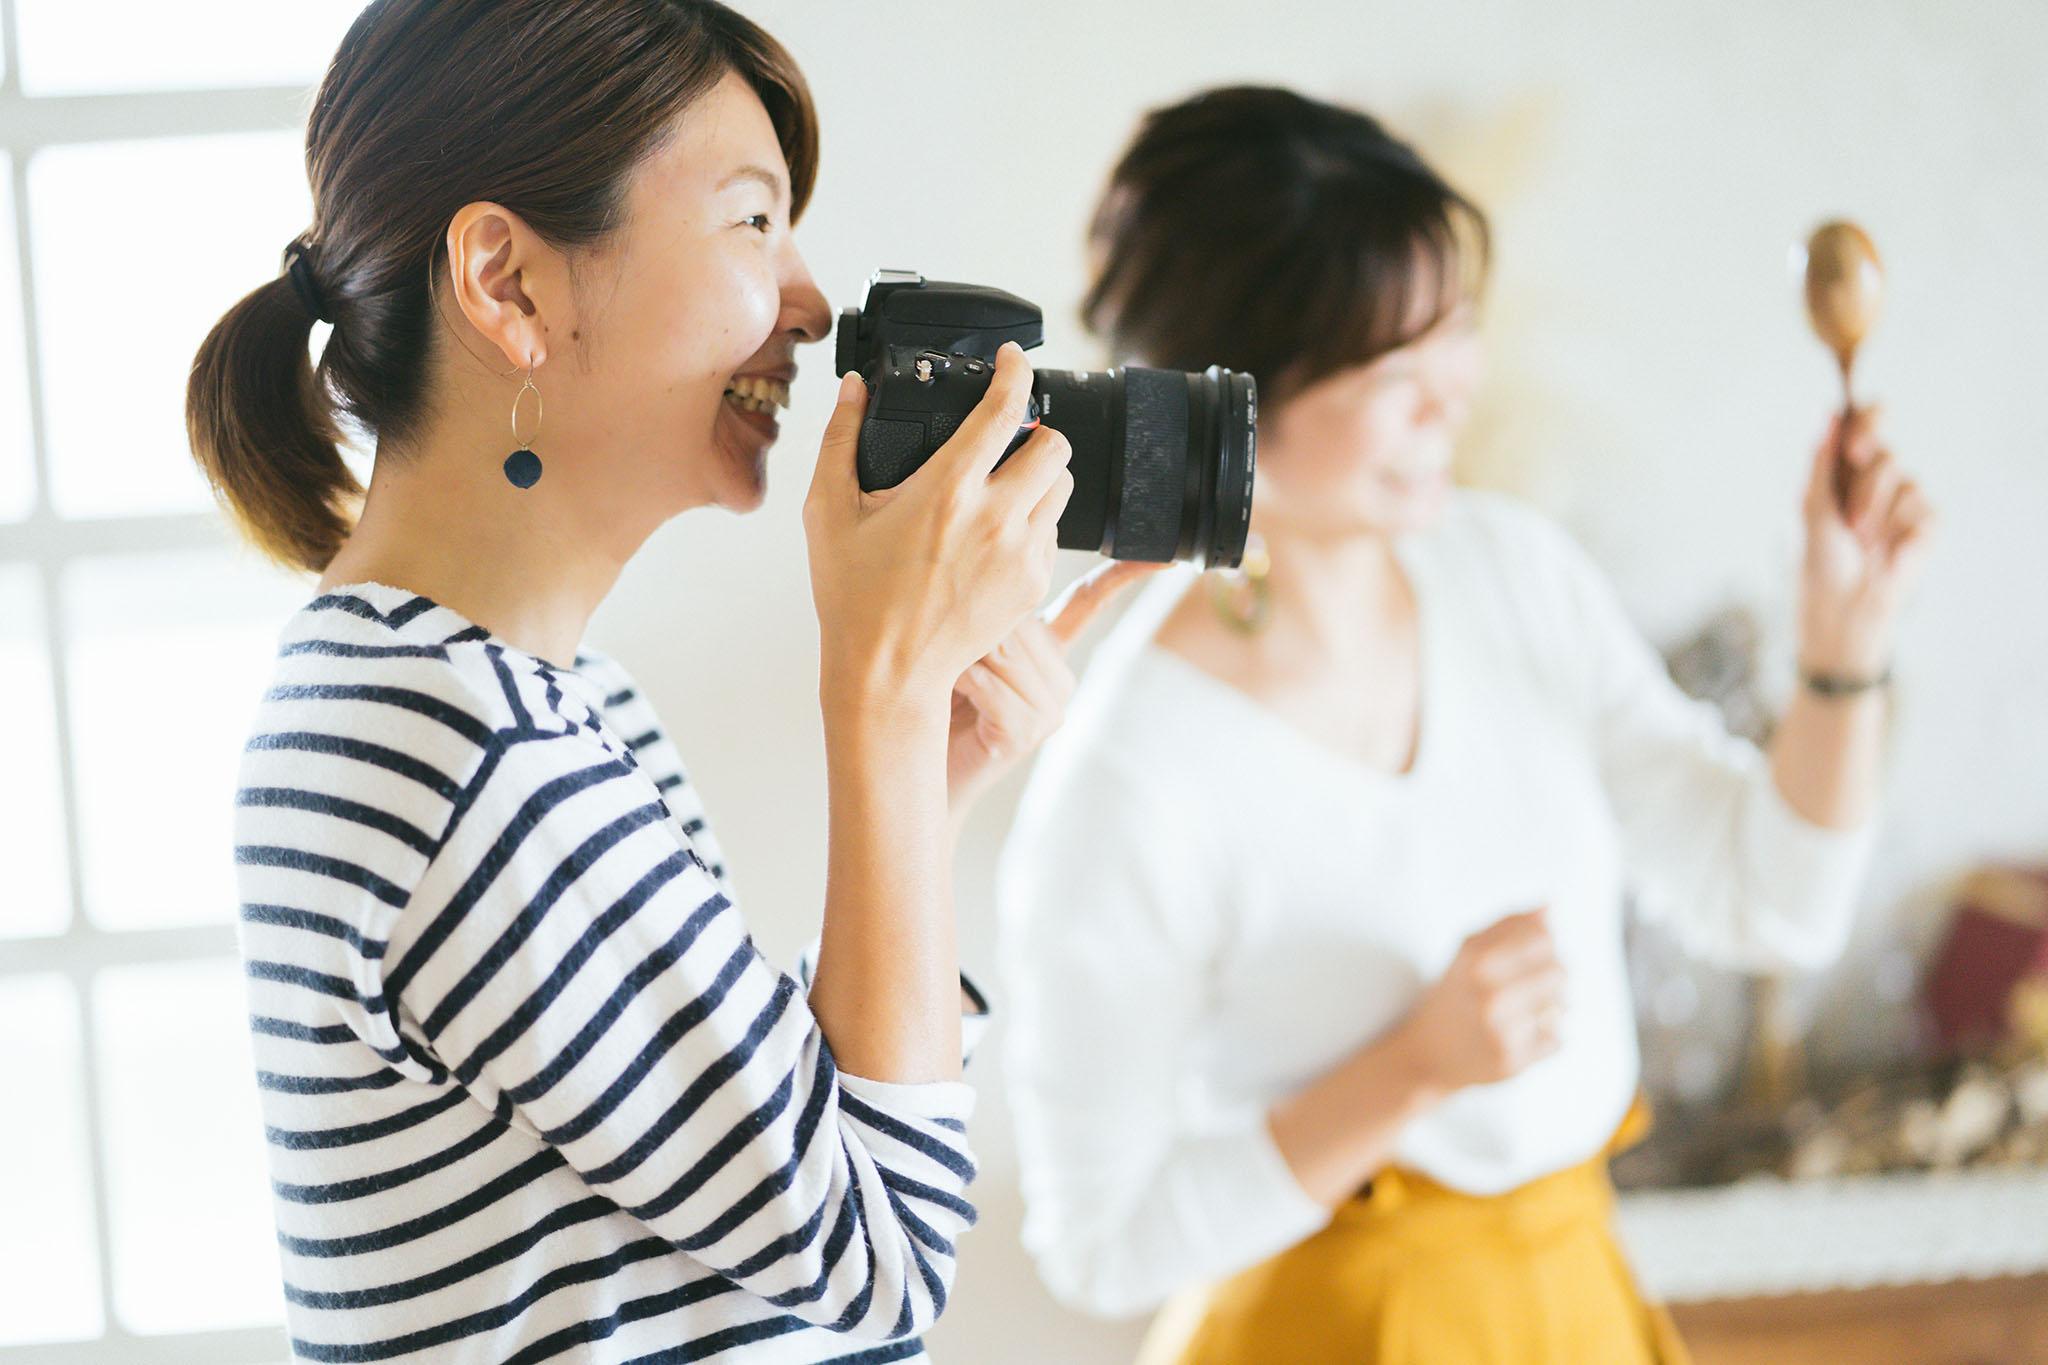 クッポグラフィー沖縄店 カメラマン募集 求人